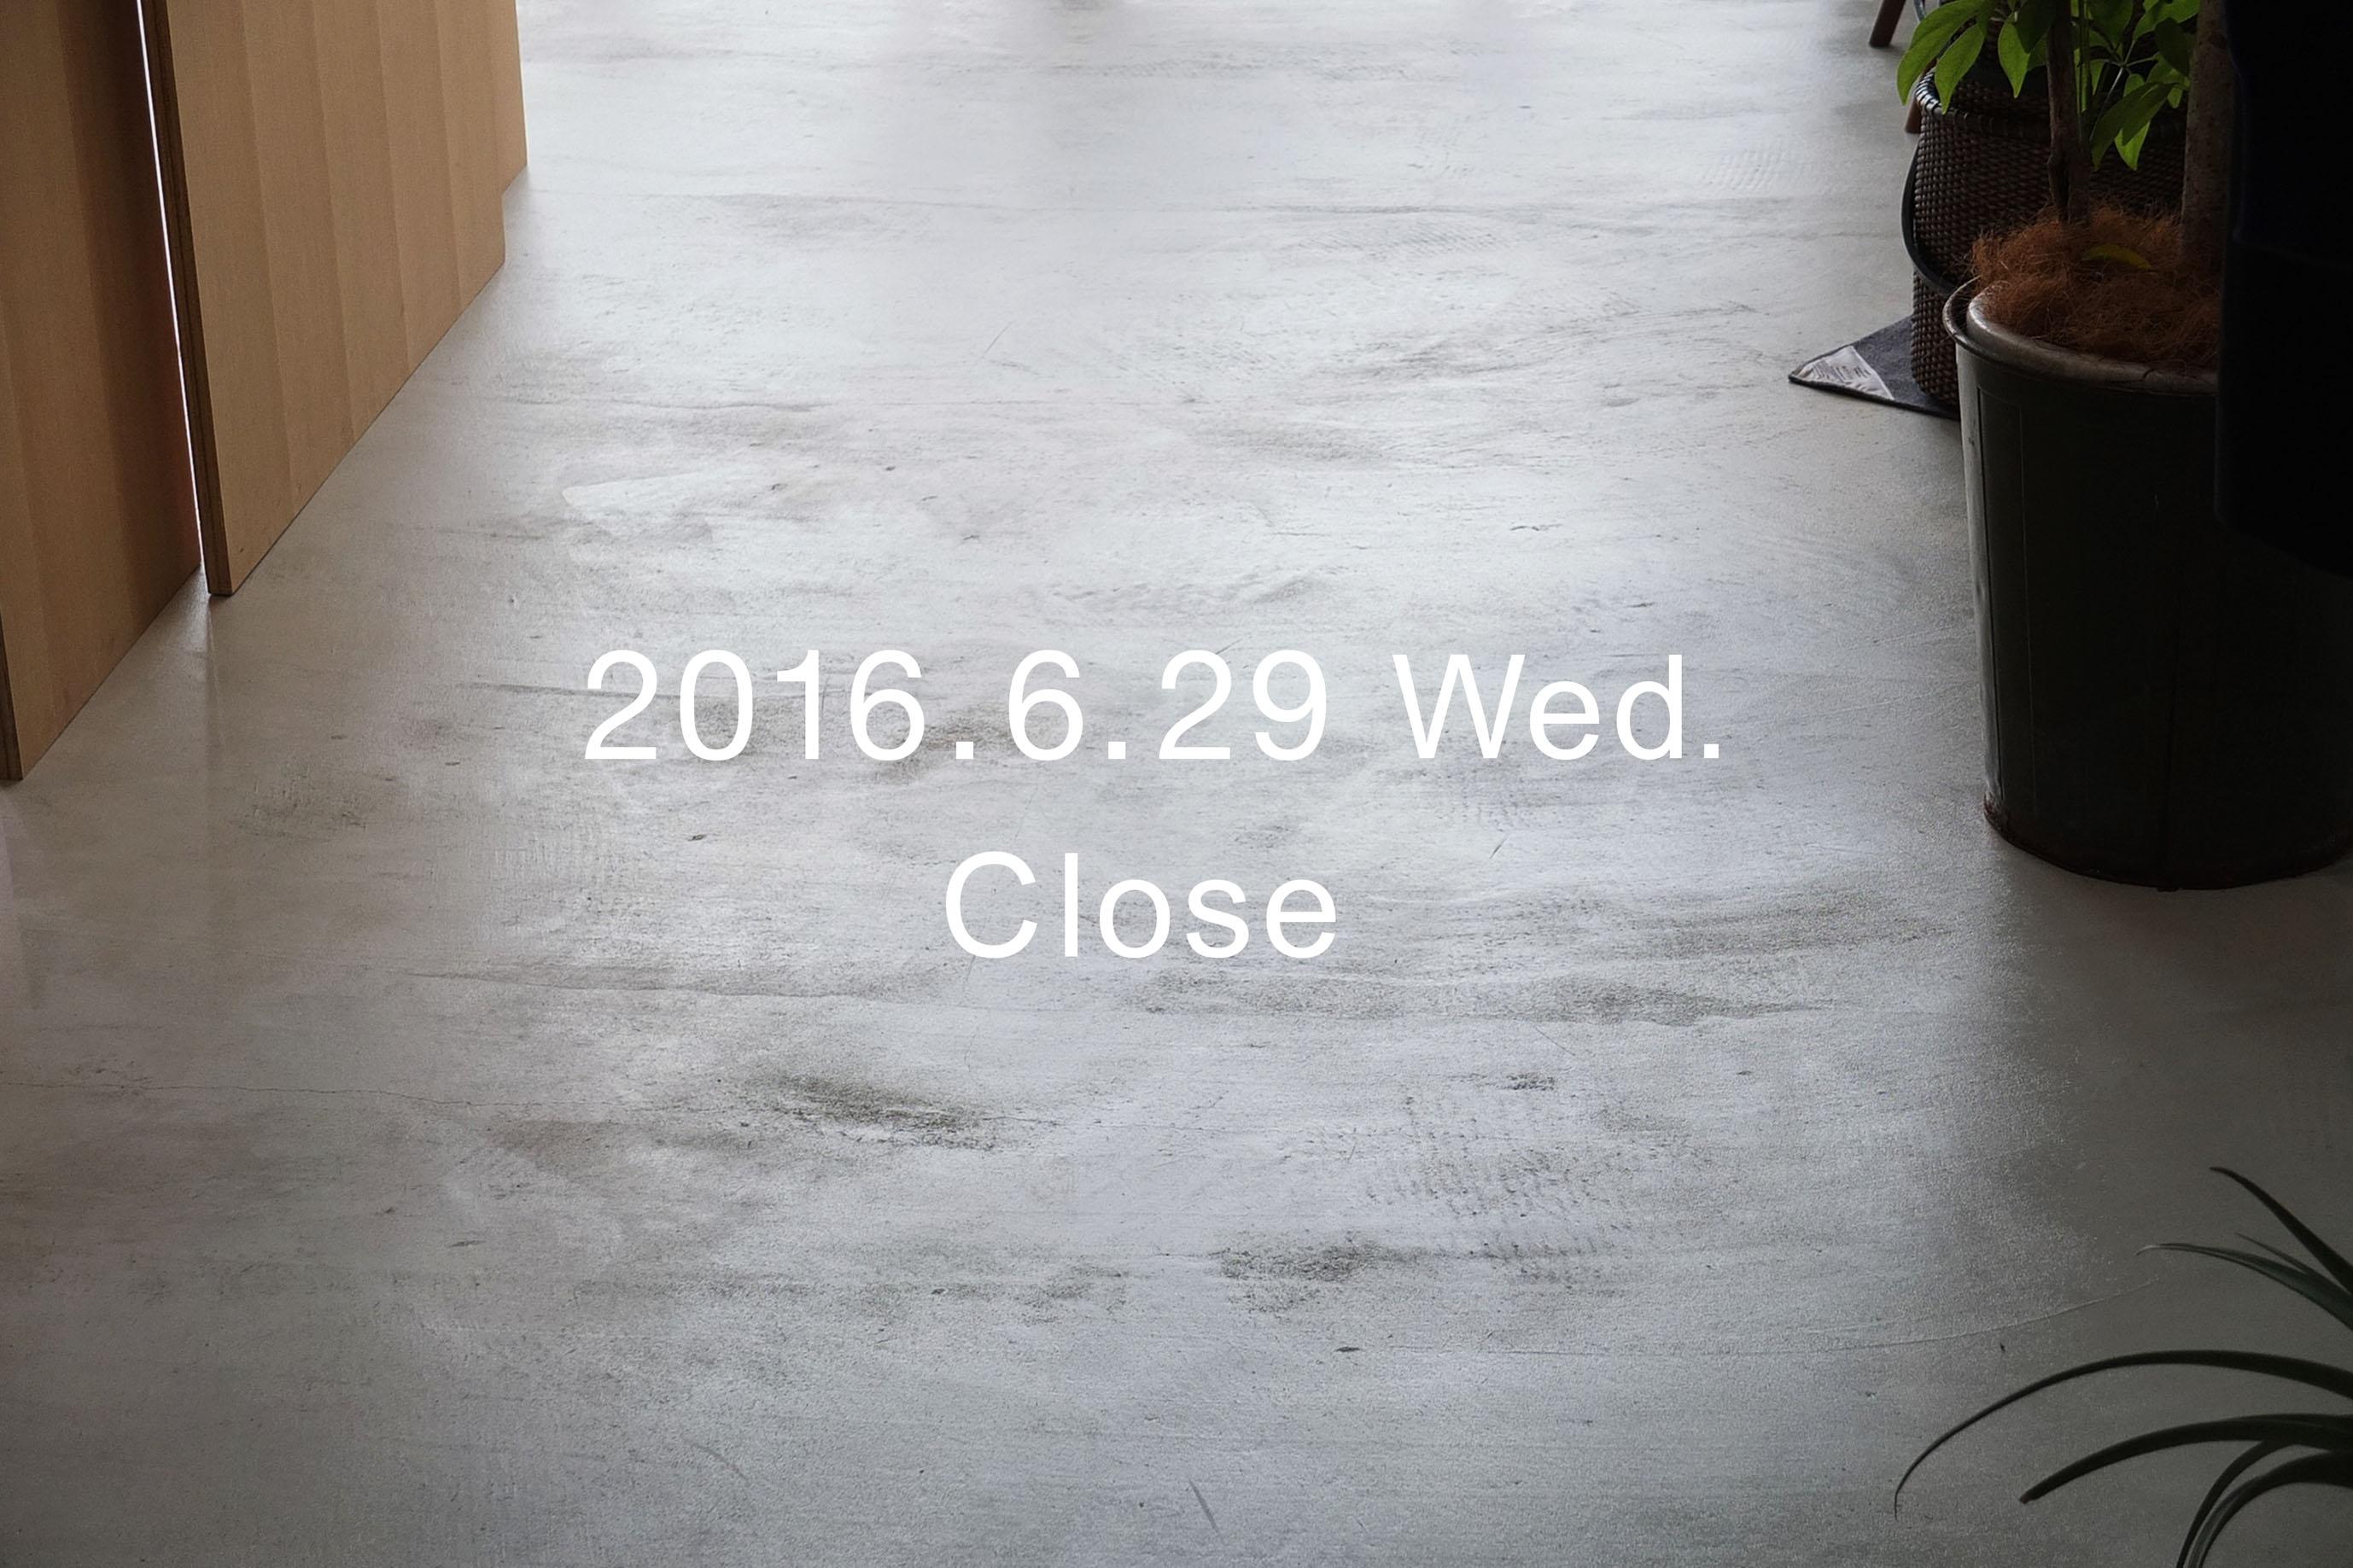 SS-Close_20160629